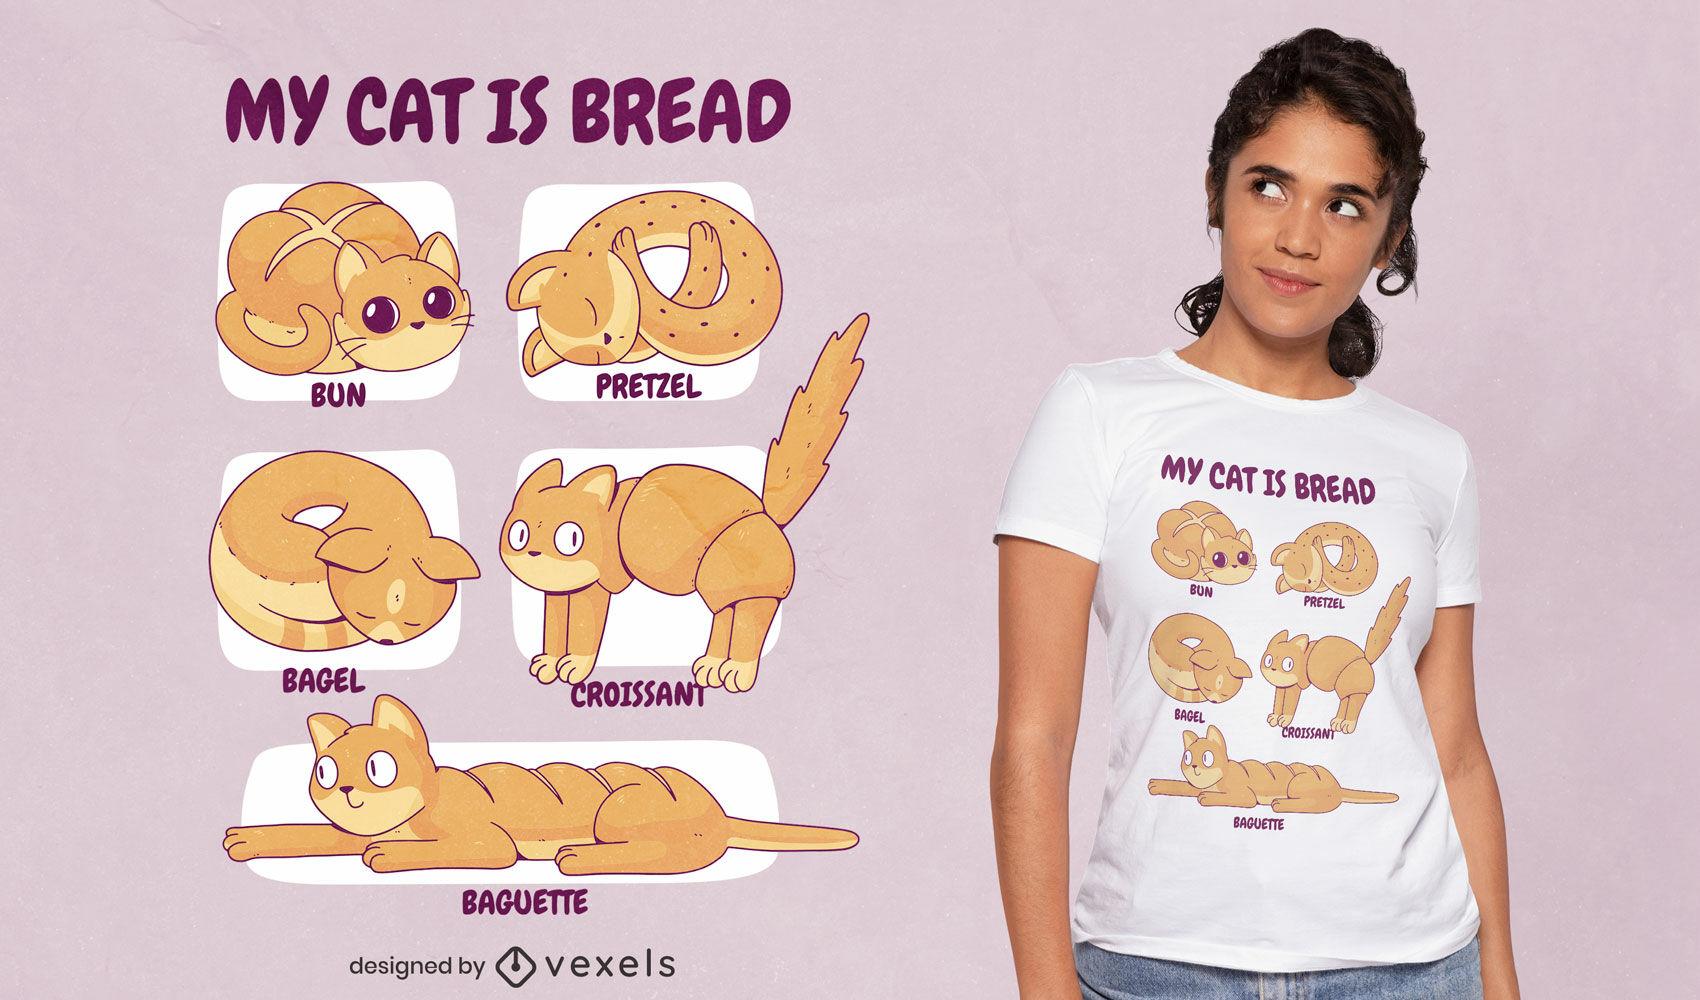 Bread cat funny t-shirt design